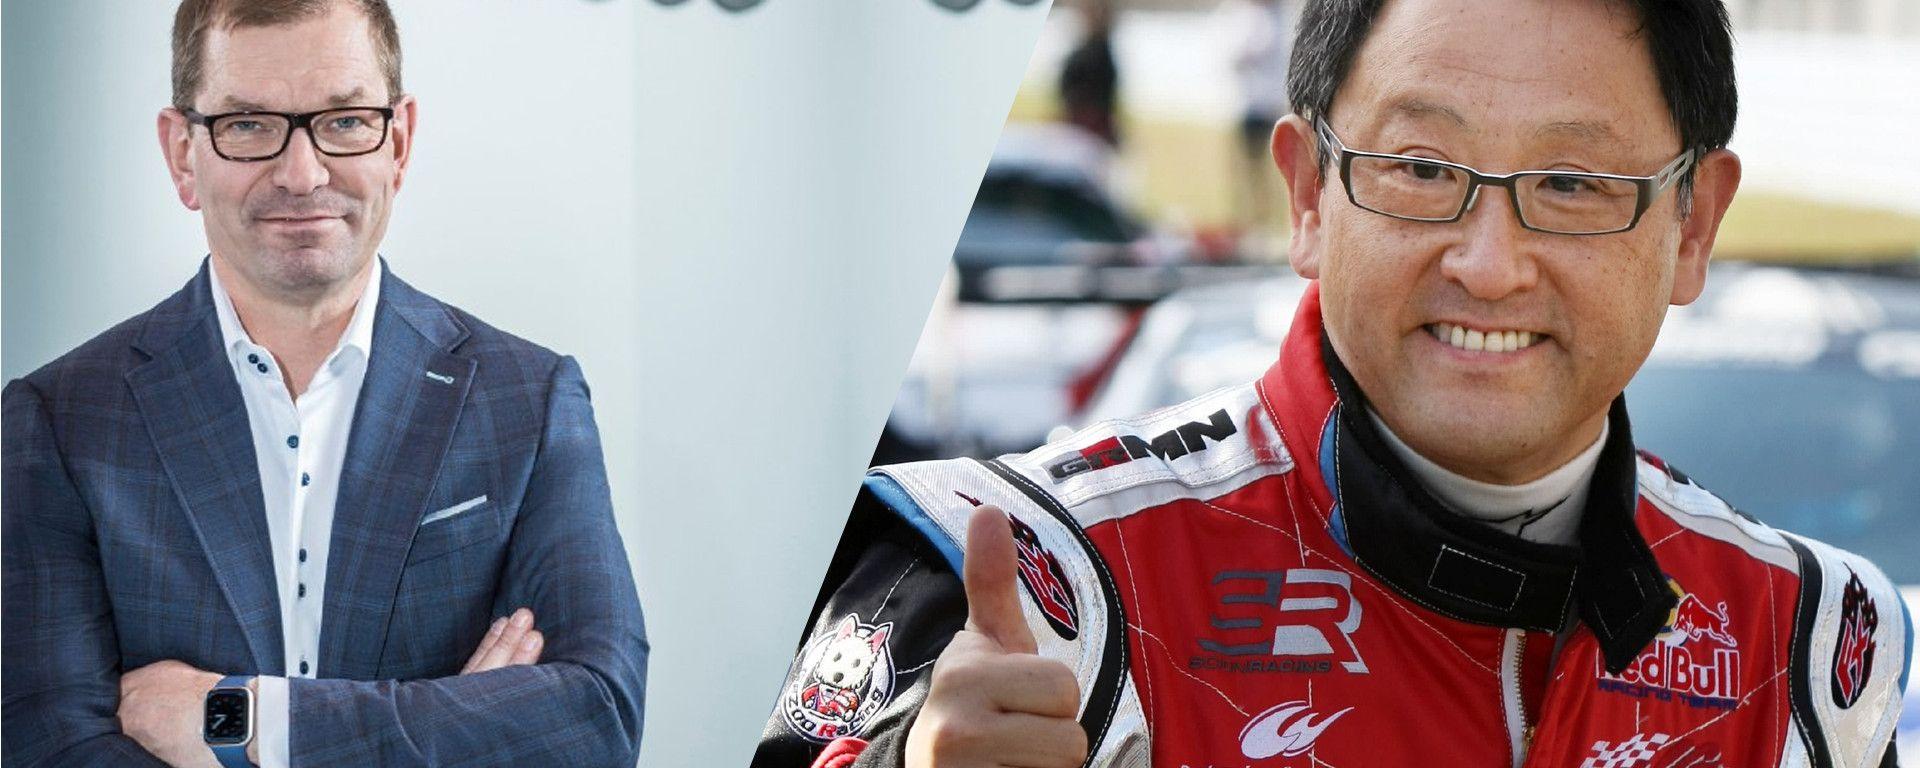 Visioni diverse per Markus Duesmann, CEO di  Audi, e Akio Toyoda, presidente di Toyota